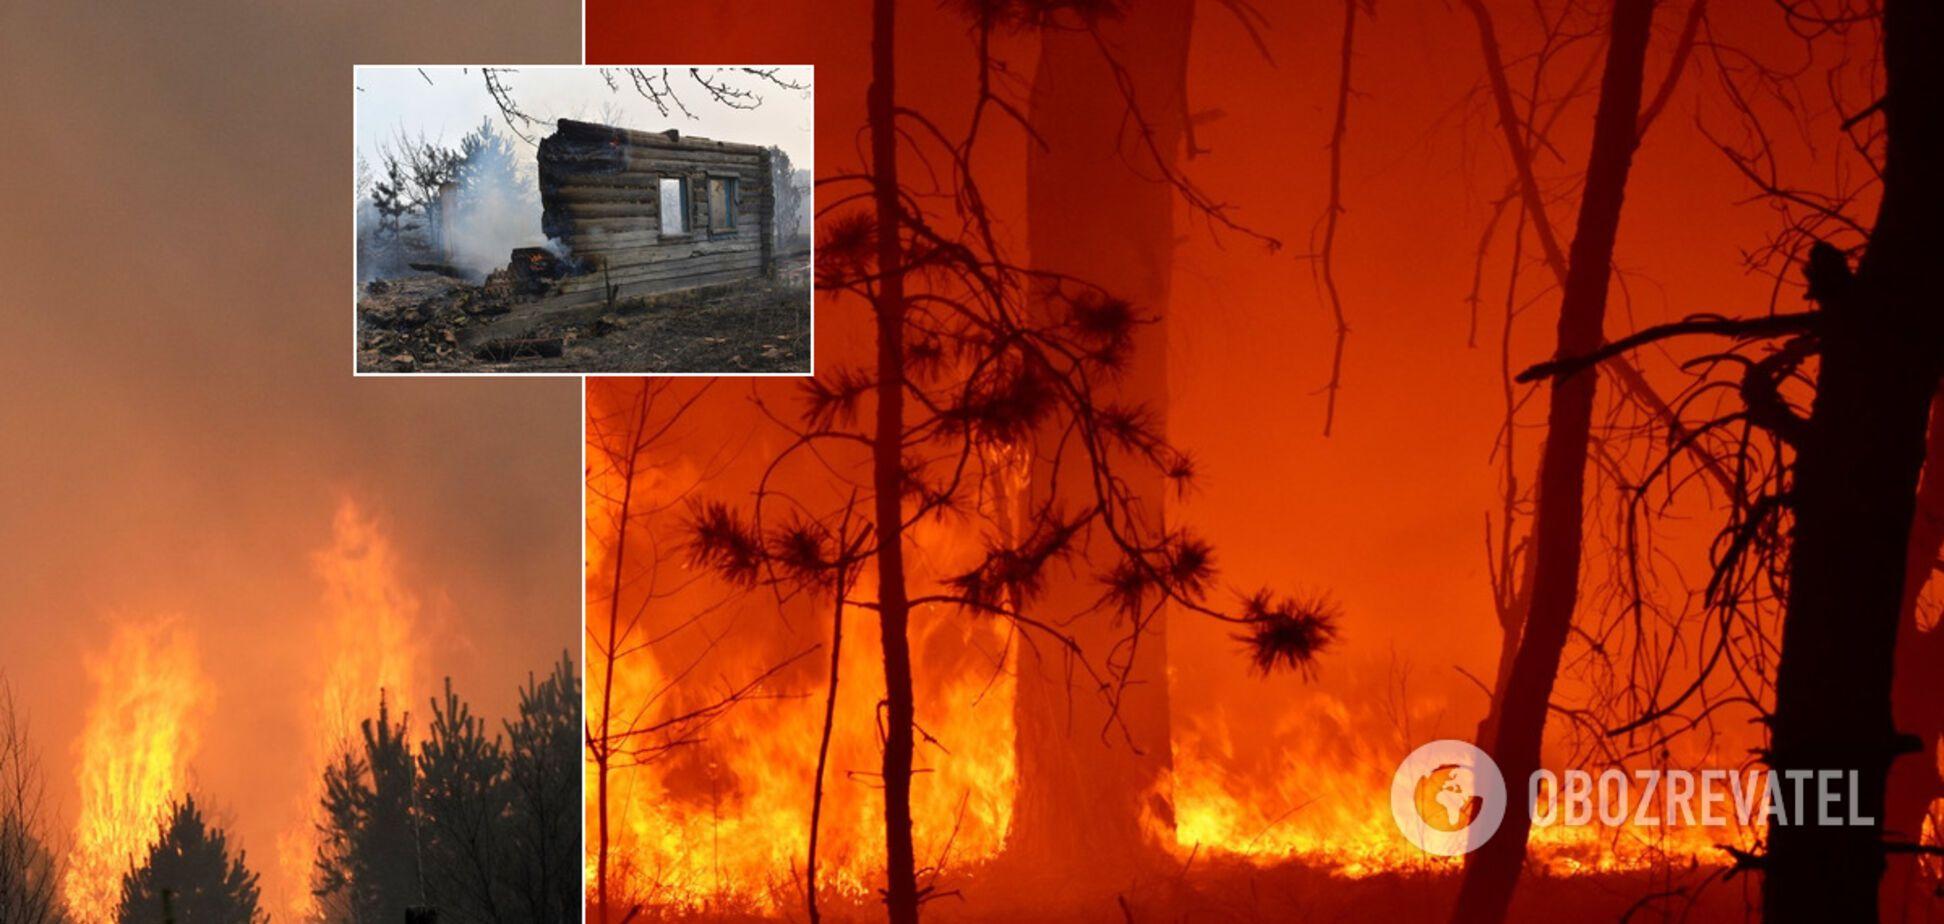 На Житомирщине вспыхнул масштабный пожар. Жуткие фото и видео